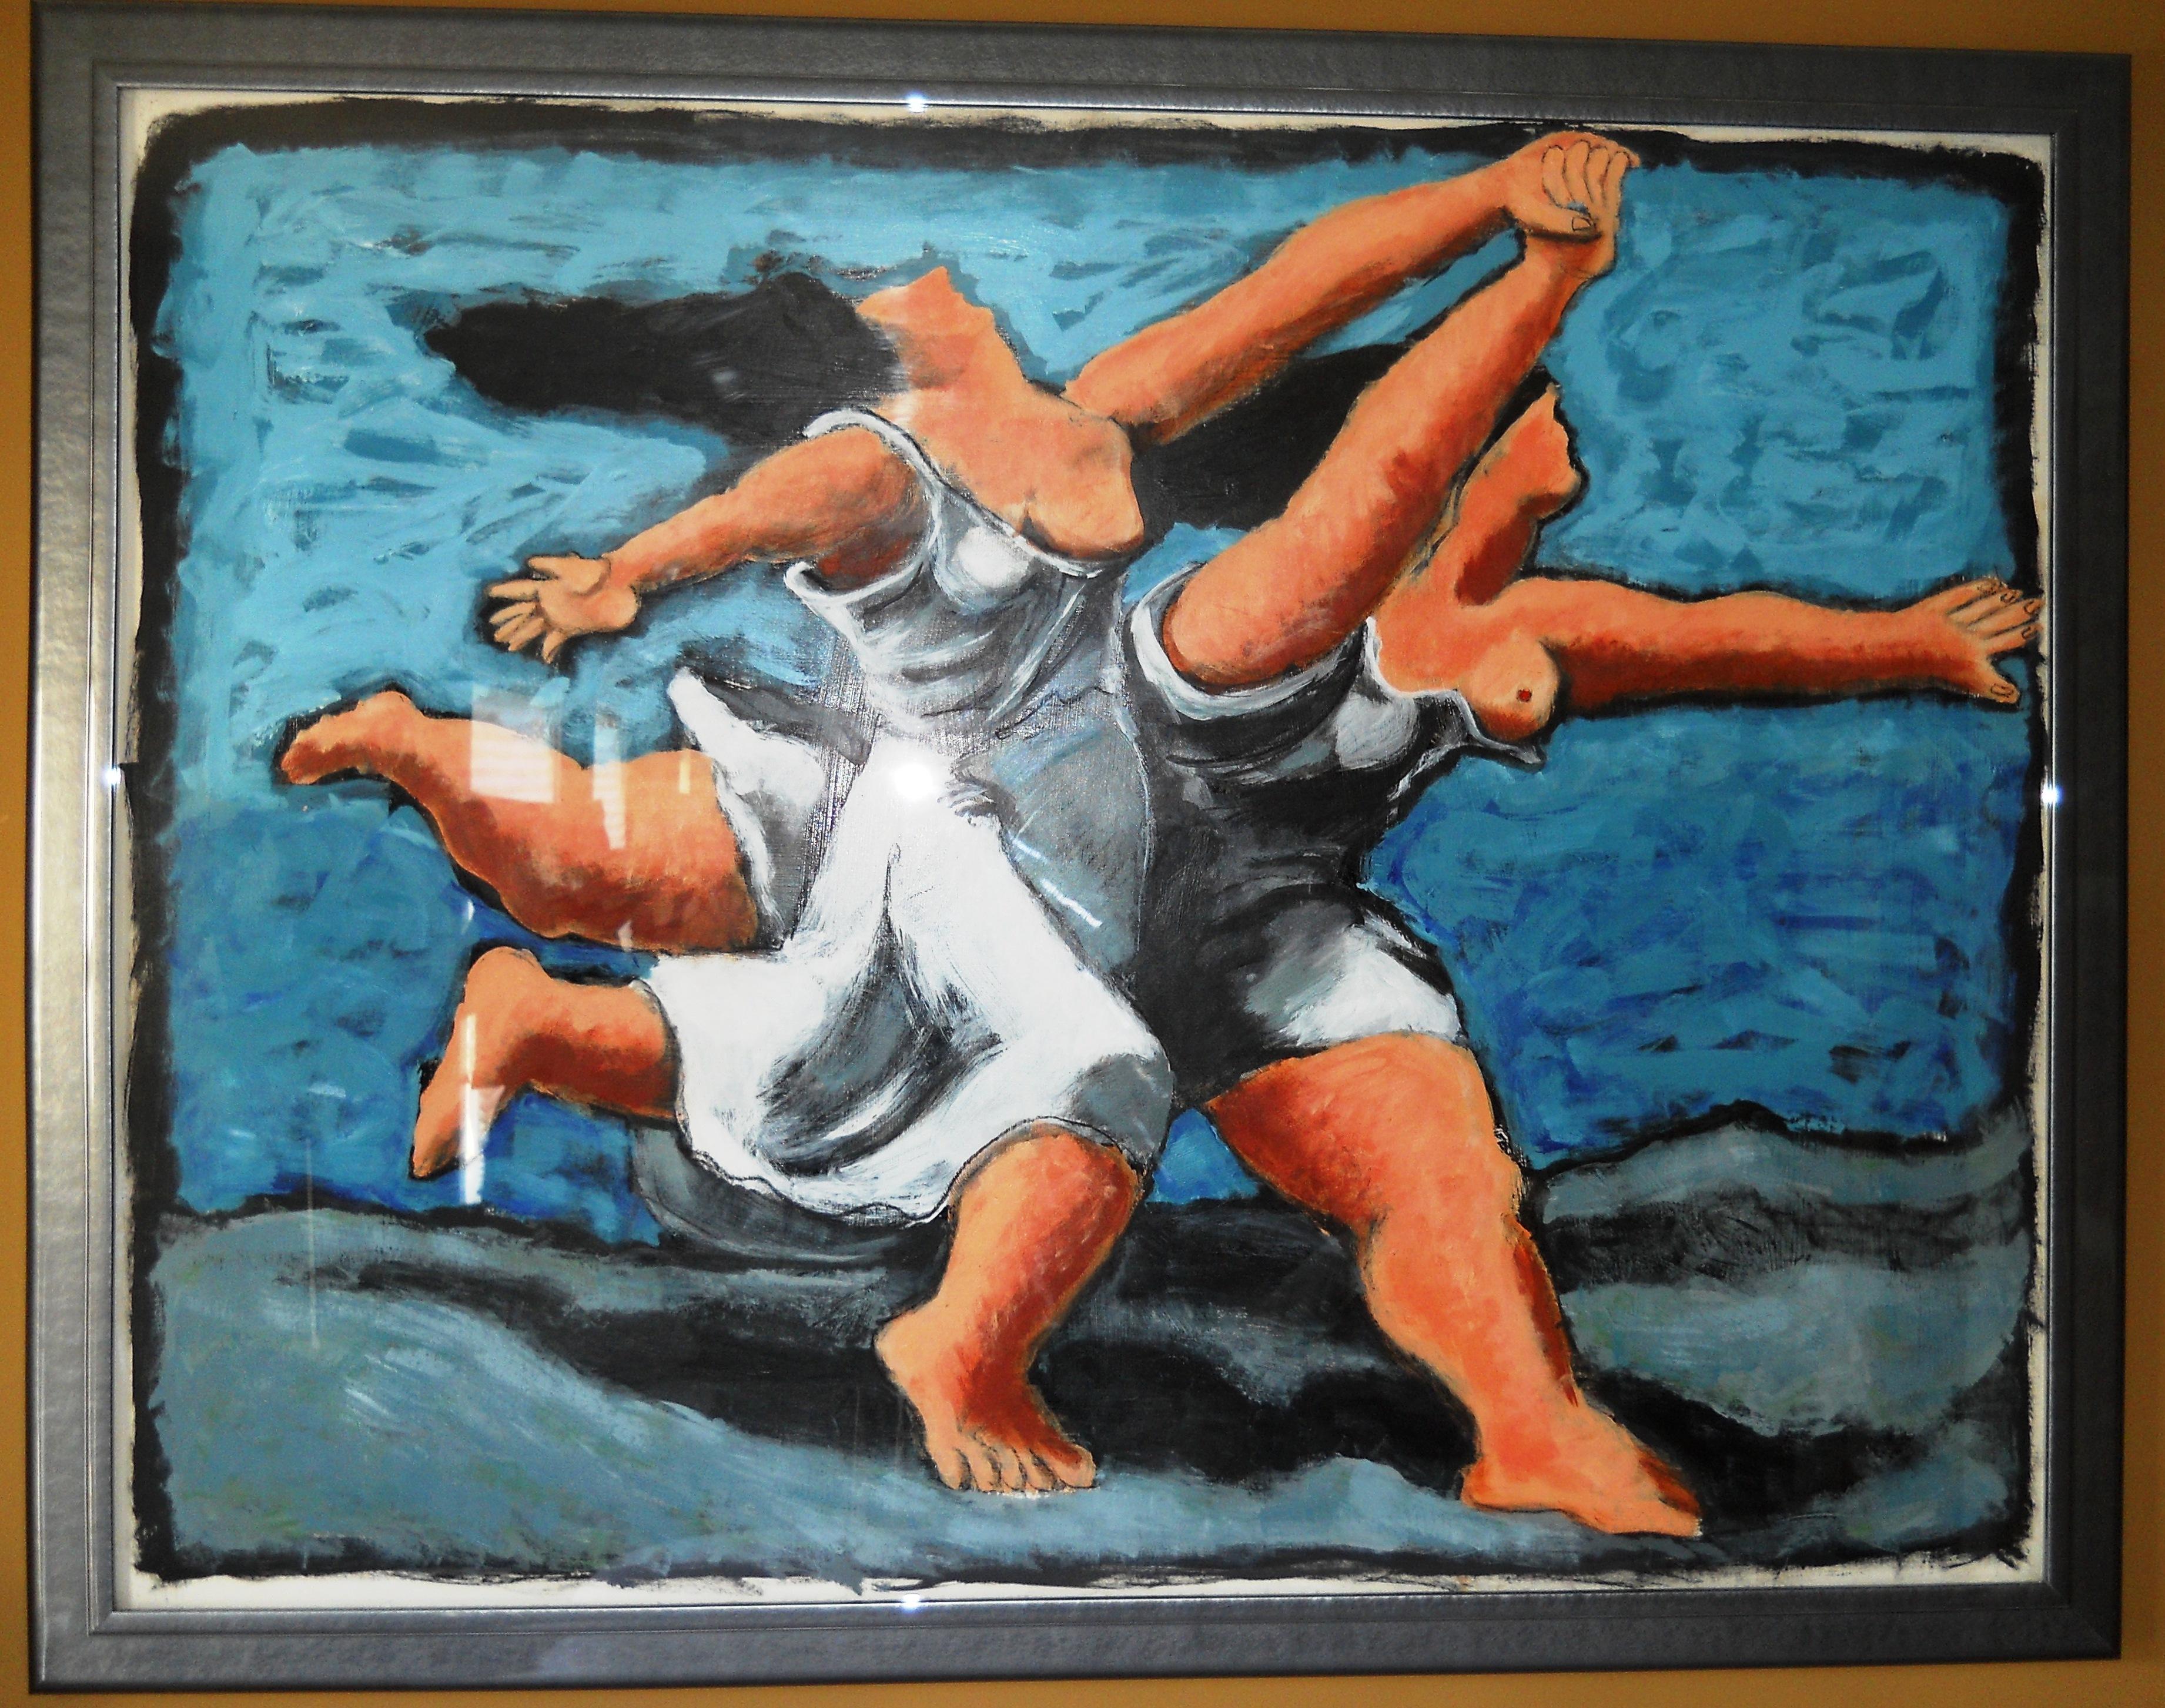 La Course, Picasso